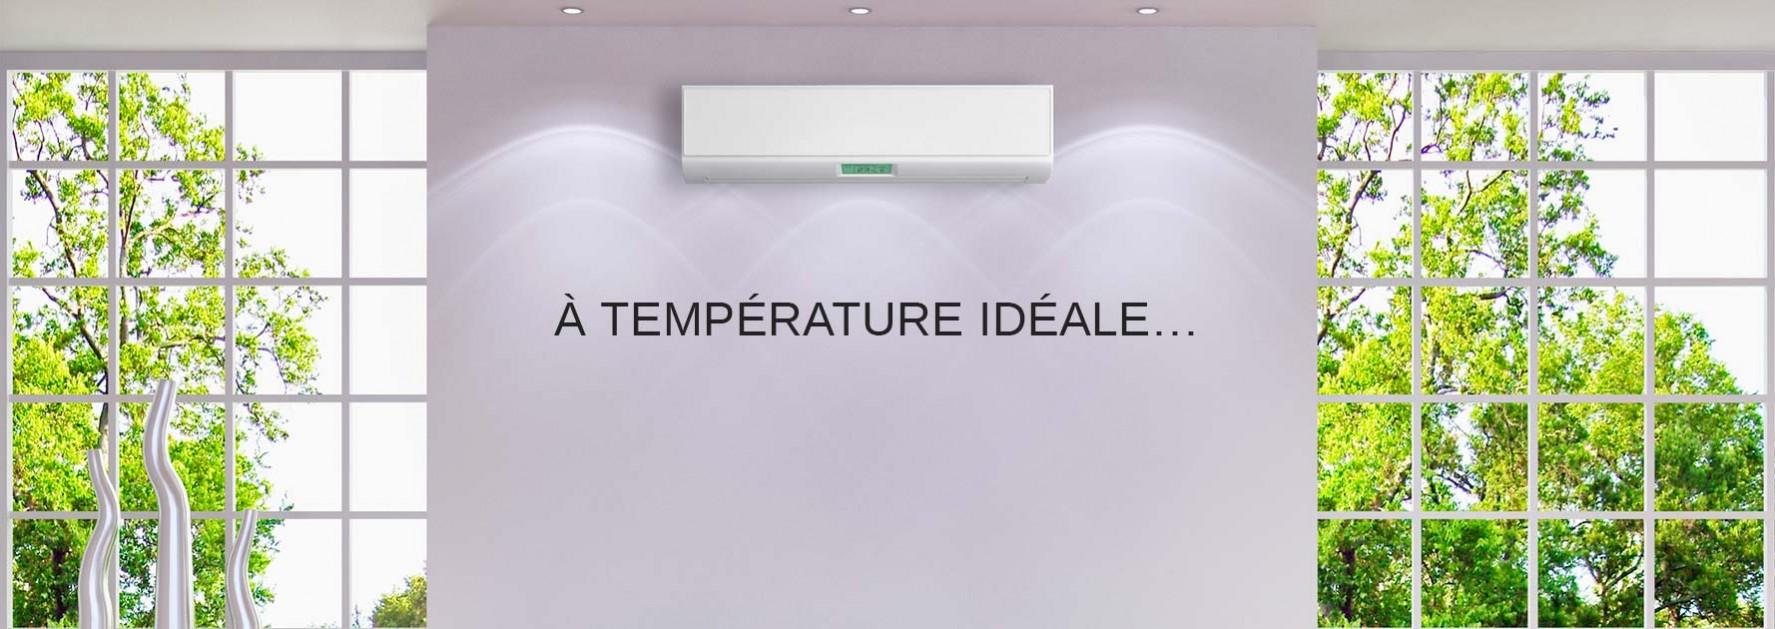 pose de climatisation chauffage et pompe chaleur sur grenoble. Black Bedroom Furniture Sets. Home Design Ideas